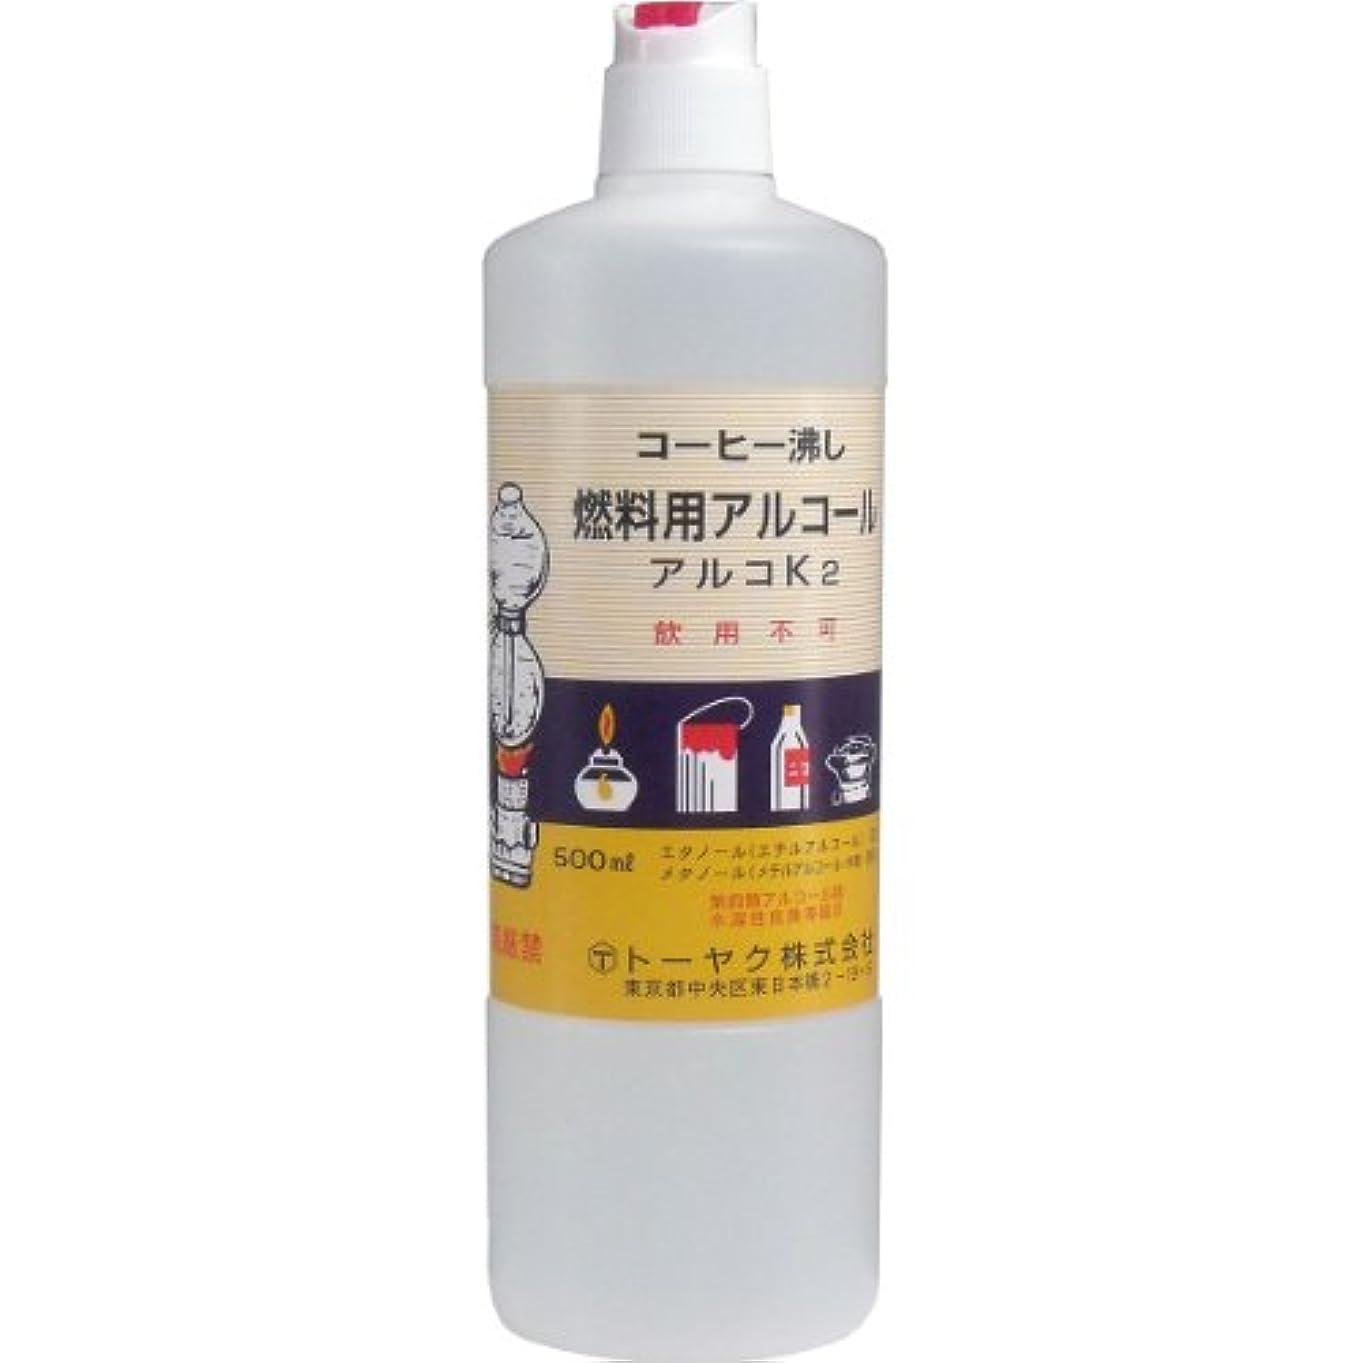 パーストラブル適度な燃料用アルコール アルコK2 ×3個セット